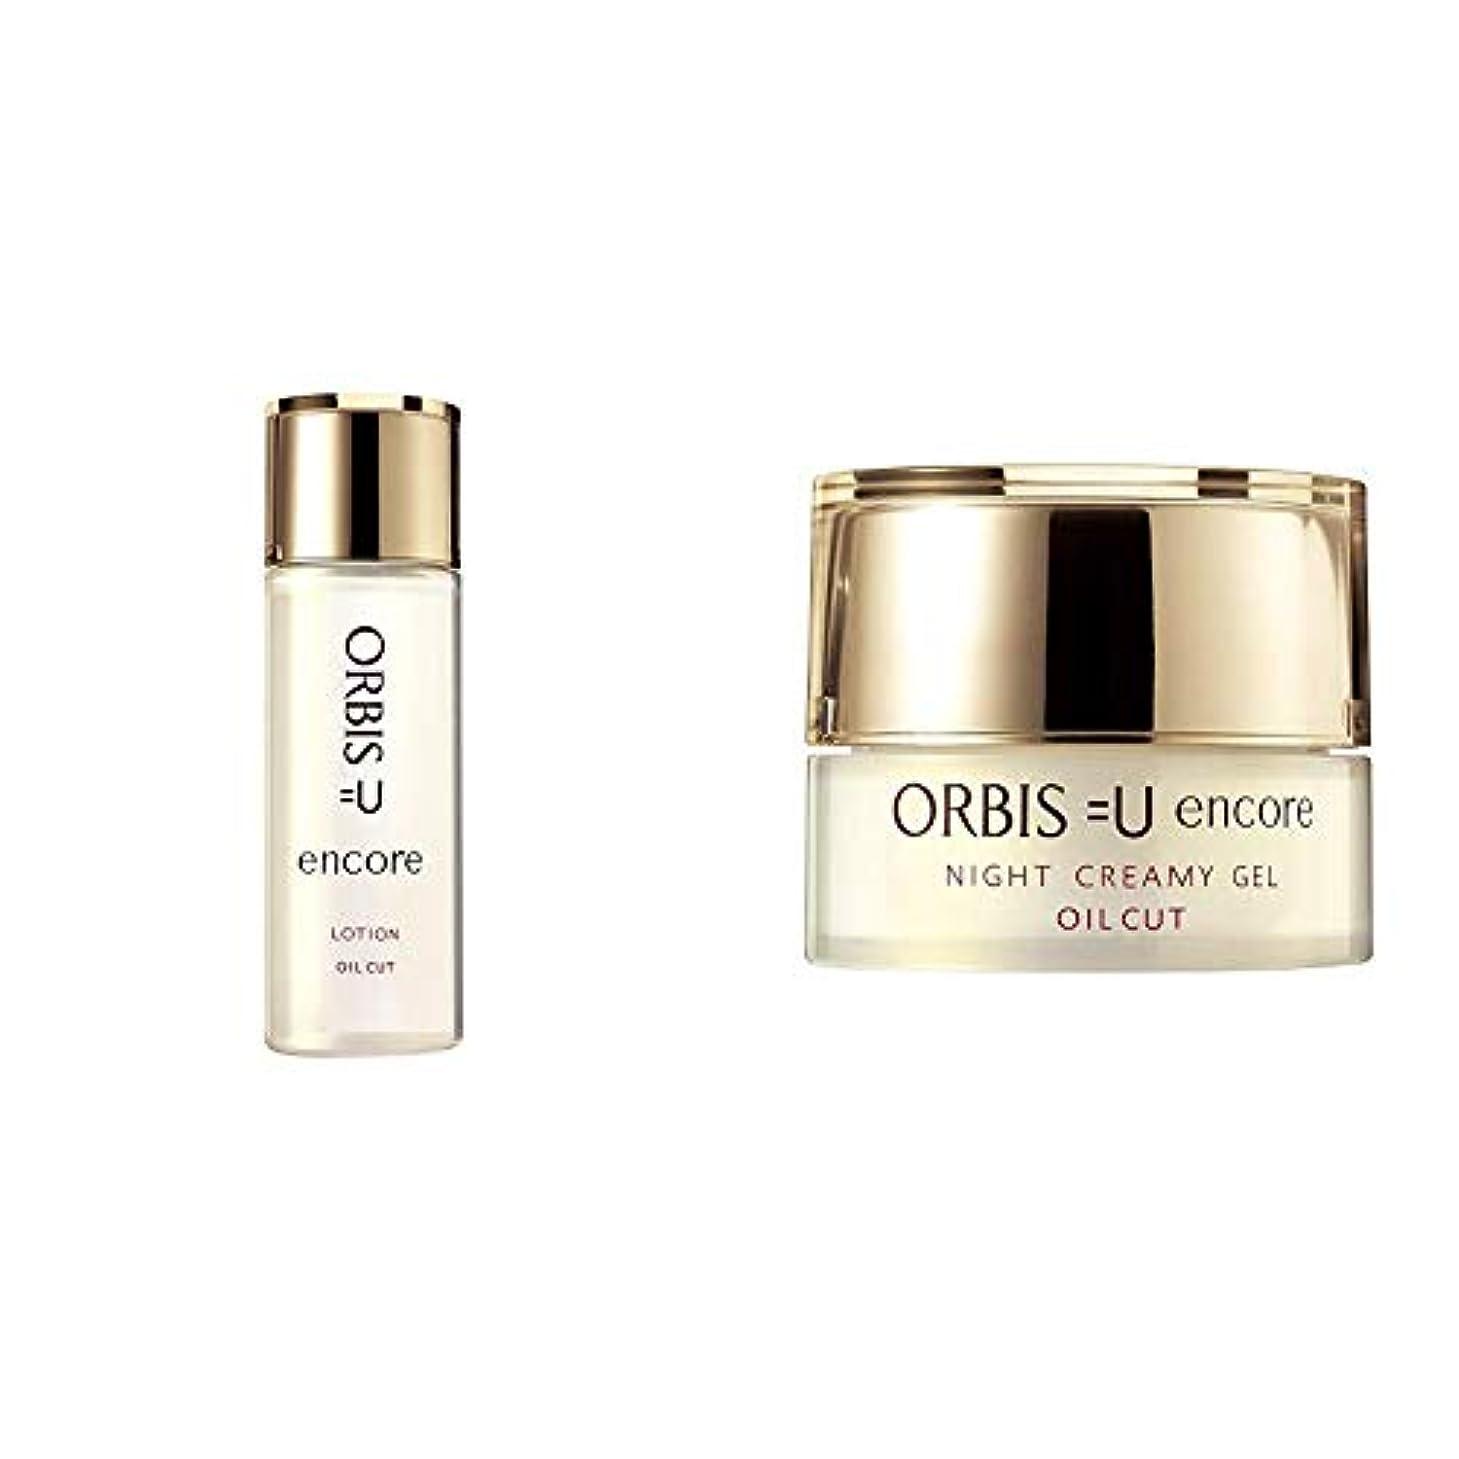 復活プロジェクター申し立てられたオルビス(ORBIS) オルビスユー アンコール ローション 180mL 化粧水 & オルビスユー アンコール ナイトクリーミージェル 30g 夜用保湿液